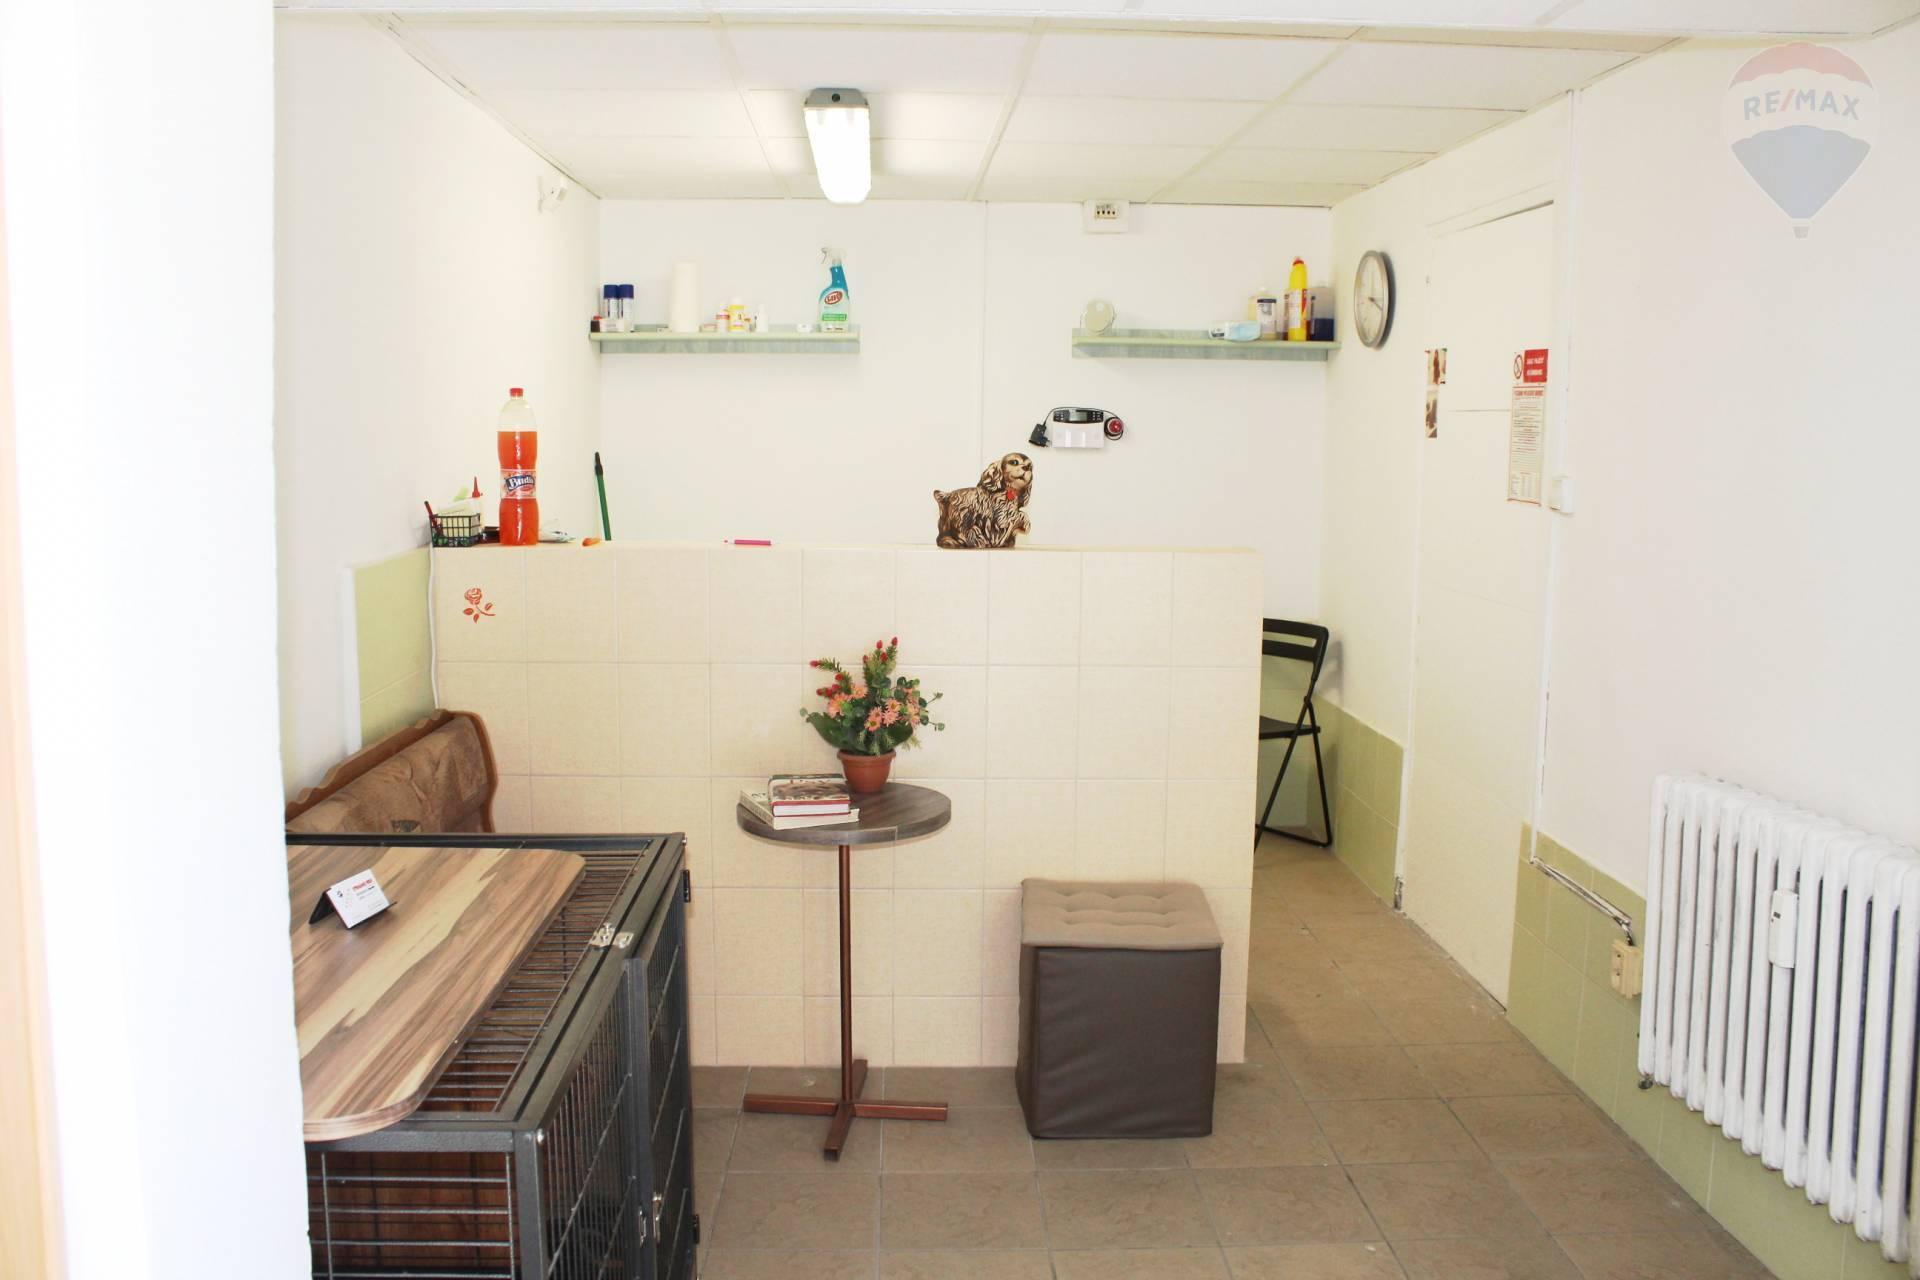 Predaj, nebytový priestor 10,75 m2, Bratislava - Petržalka